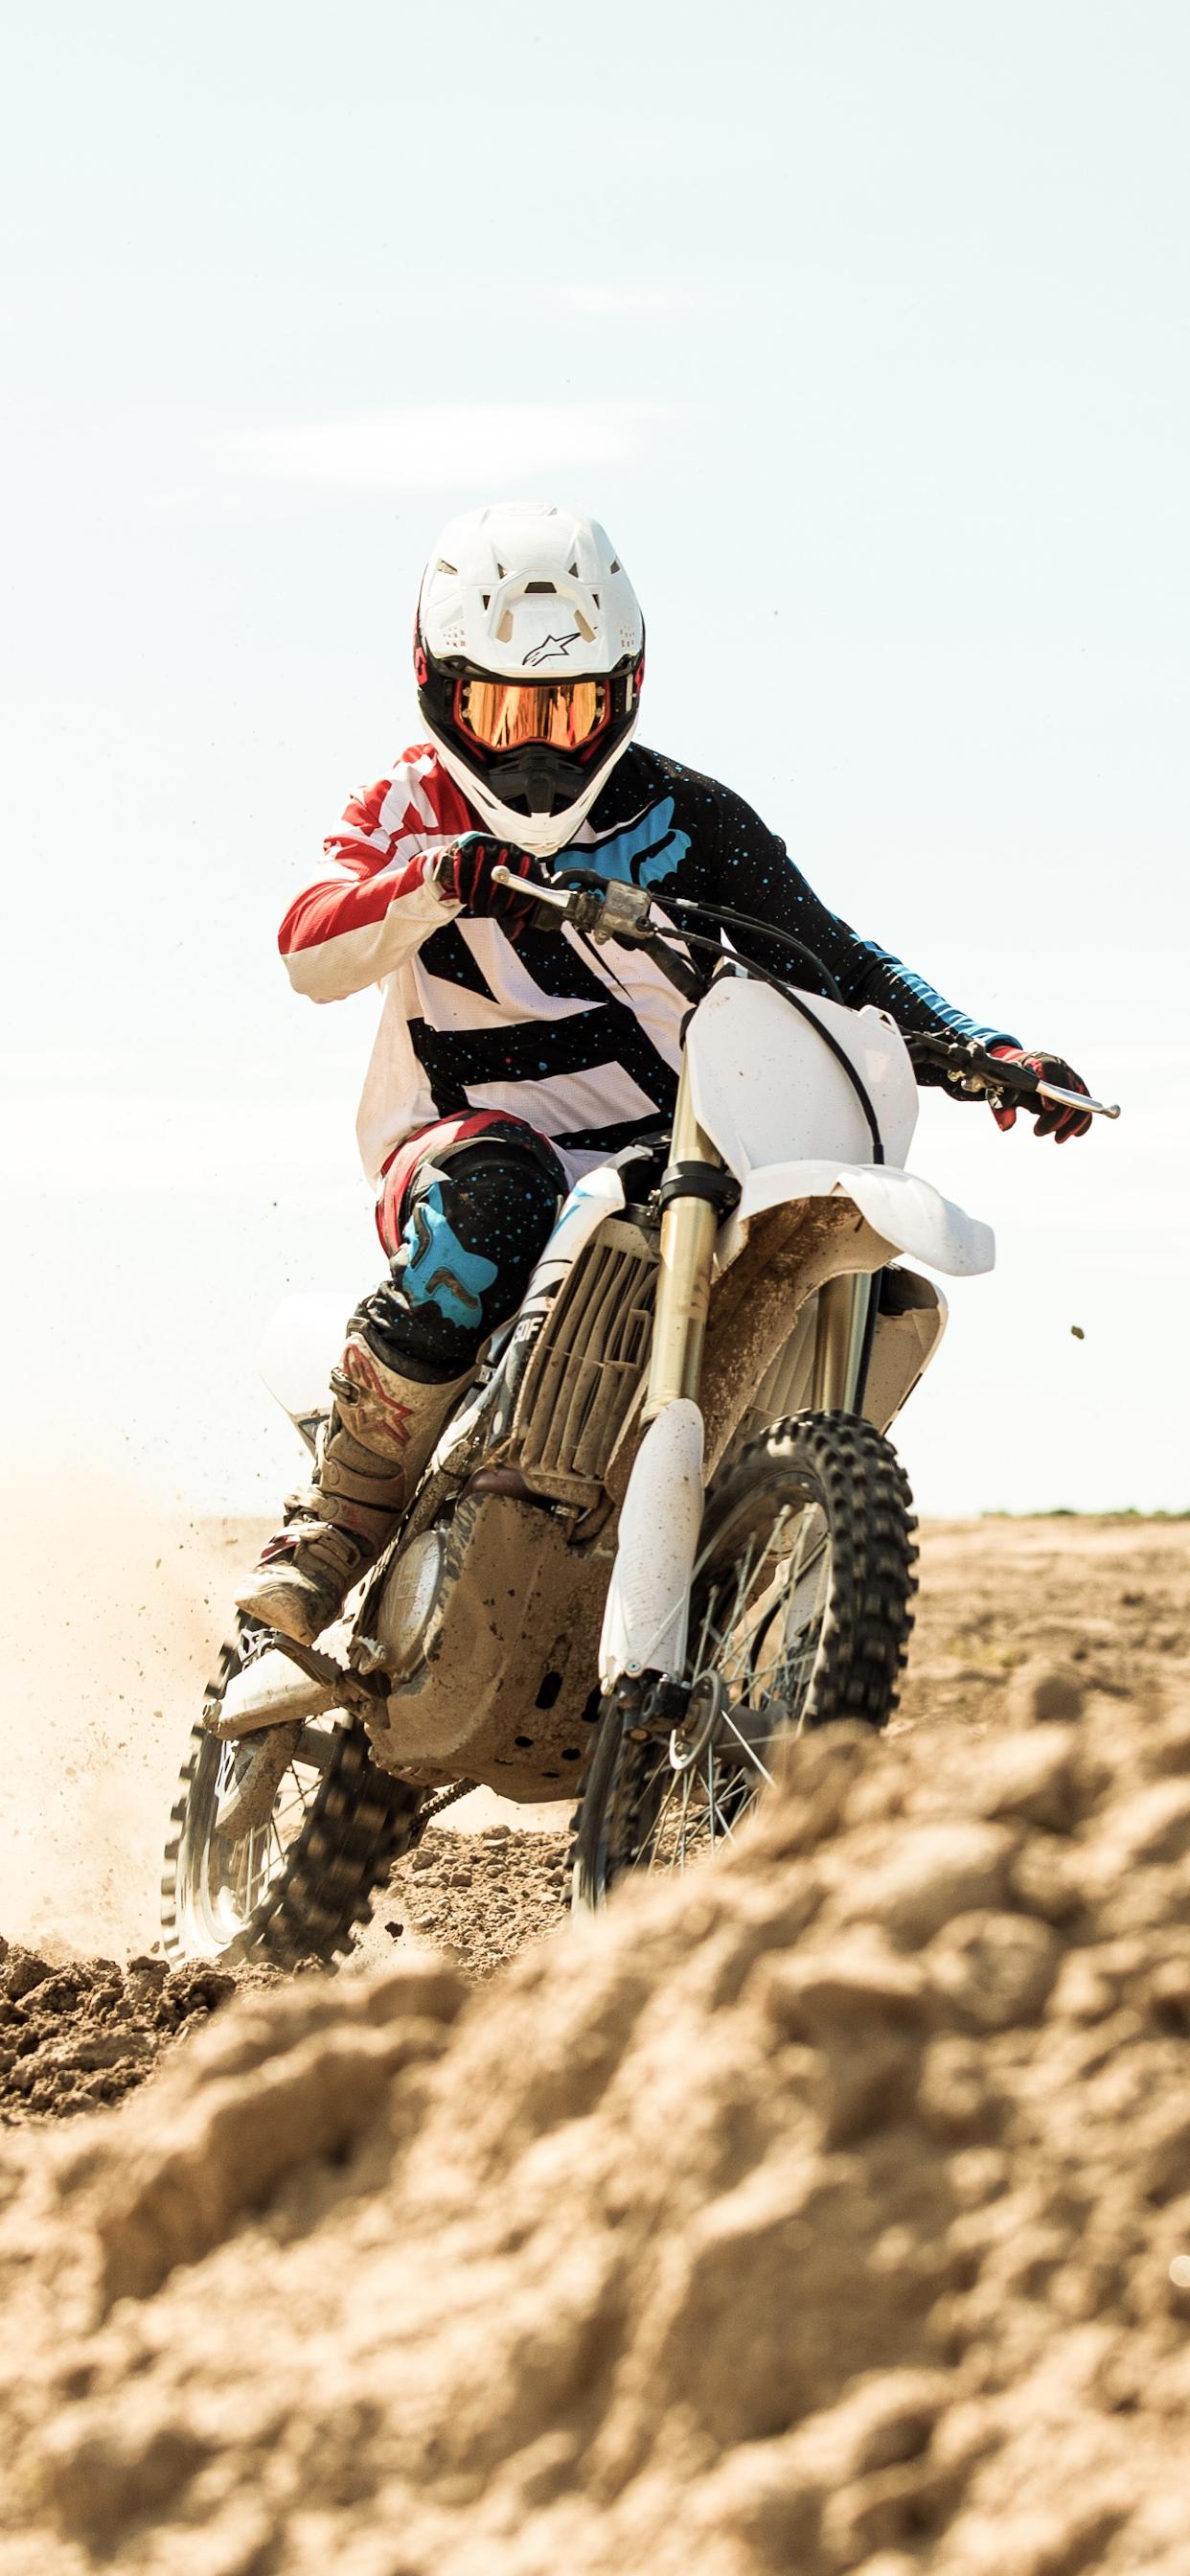 iPhone wallpapers motocross fox Fonds d'écran iPhone du 19/11/2019